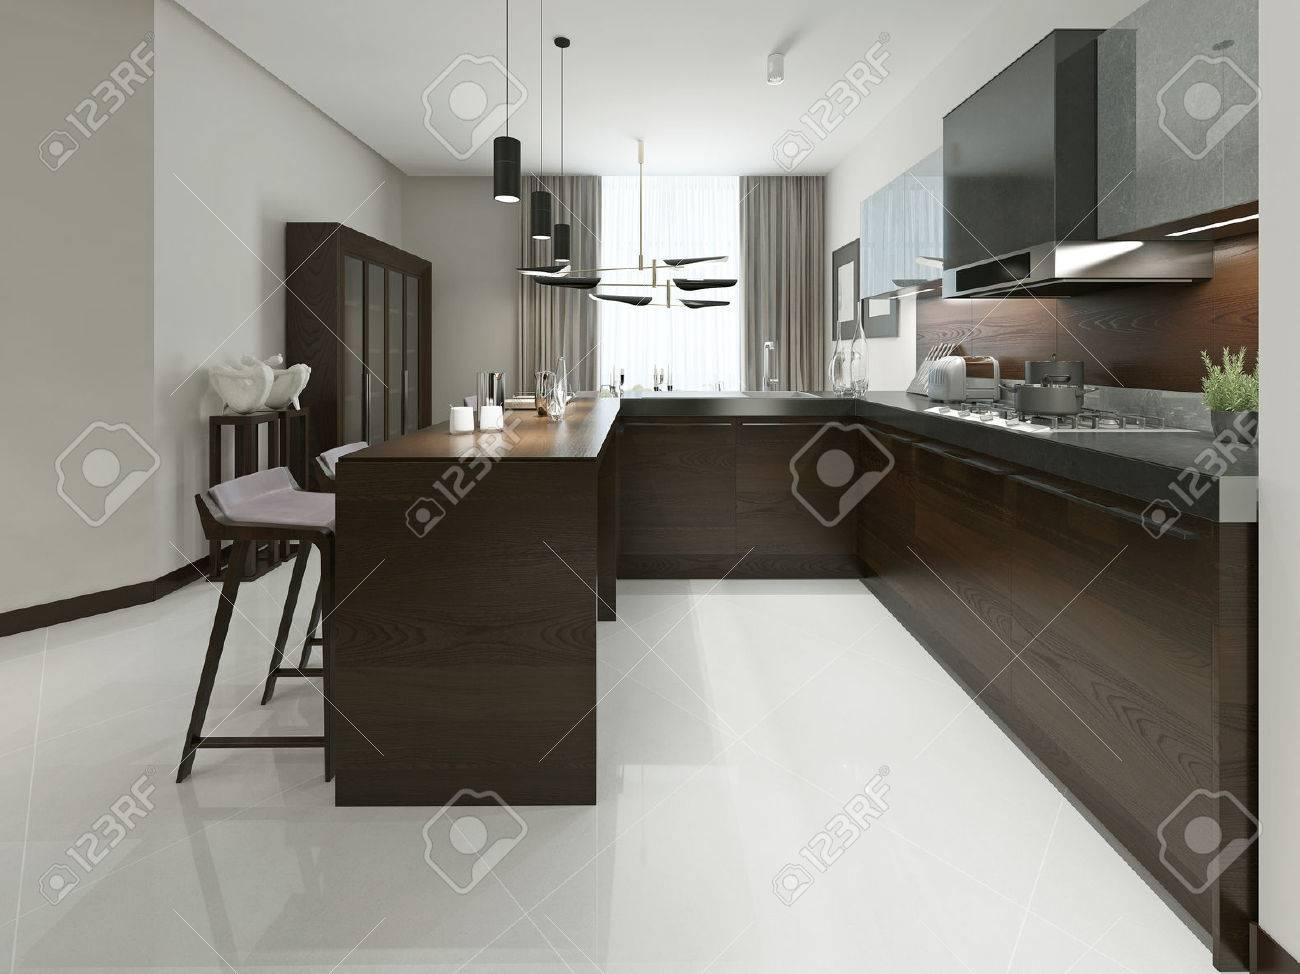 Meuble De Cuisine Bois Et Metal intérieur d'une cuisine moderne avec bar et tabourets de bar. cuisine  meubles en bois avec des inserts métalliques dans des tons bruns et gris.  3d